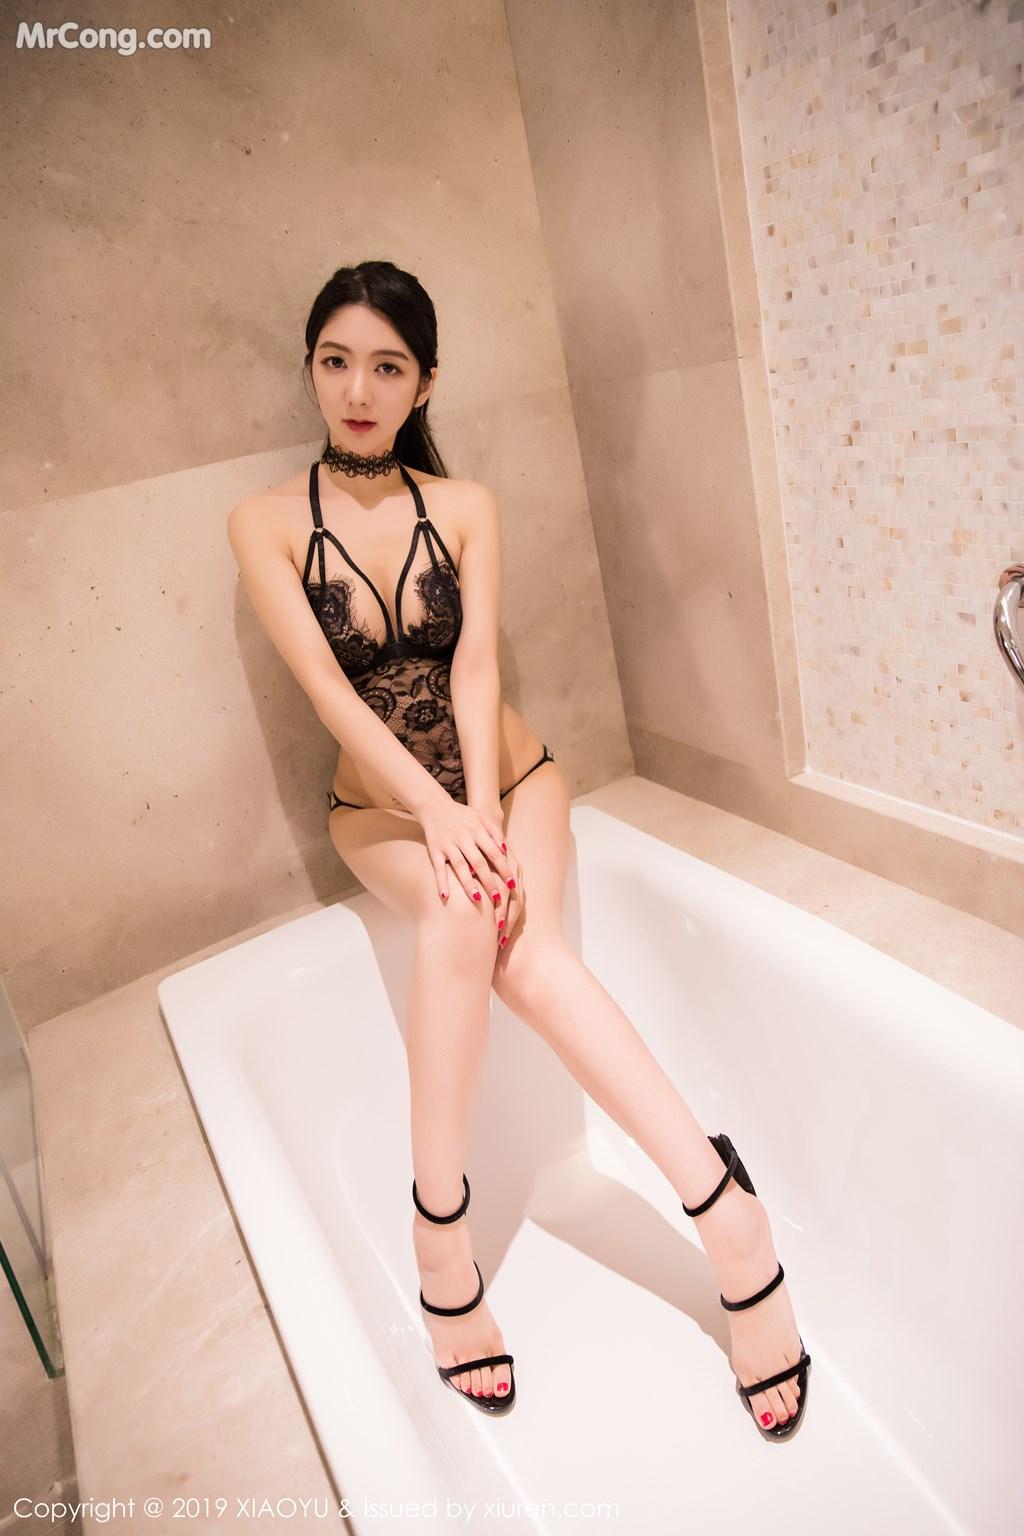 Image XiaoYu-Vol.041-Xiao-Reba-Angela-MrCong.com-034 in post XiaoYu Vol.041: Xiao Reba (Angela喜欢猫) (43 ảnh)